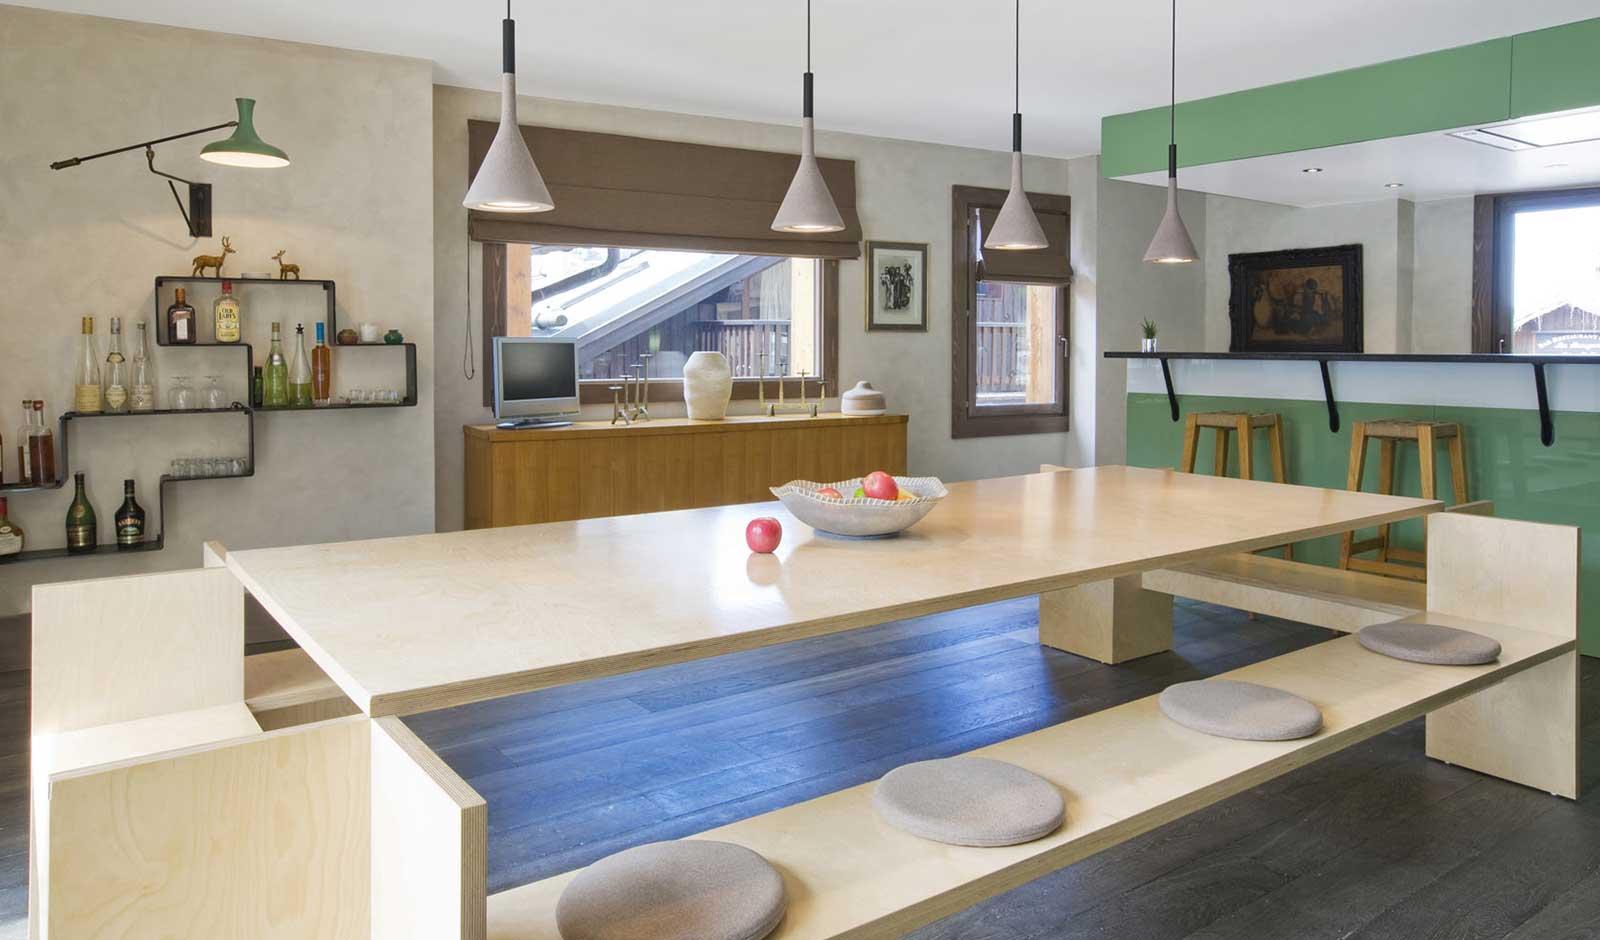 chalet-vert-mont-§-atelier-crea-and-co-architecte-design-project-manager-meribel-savoie